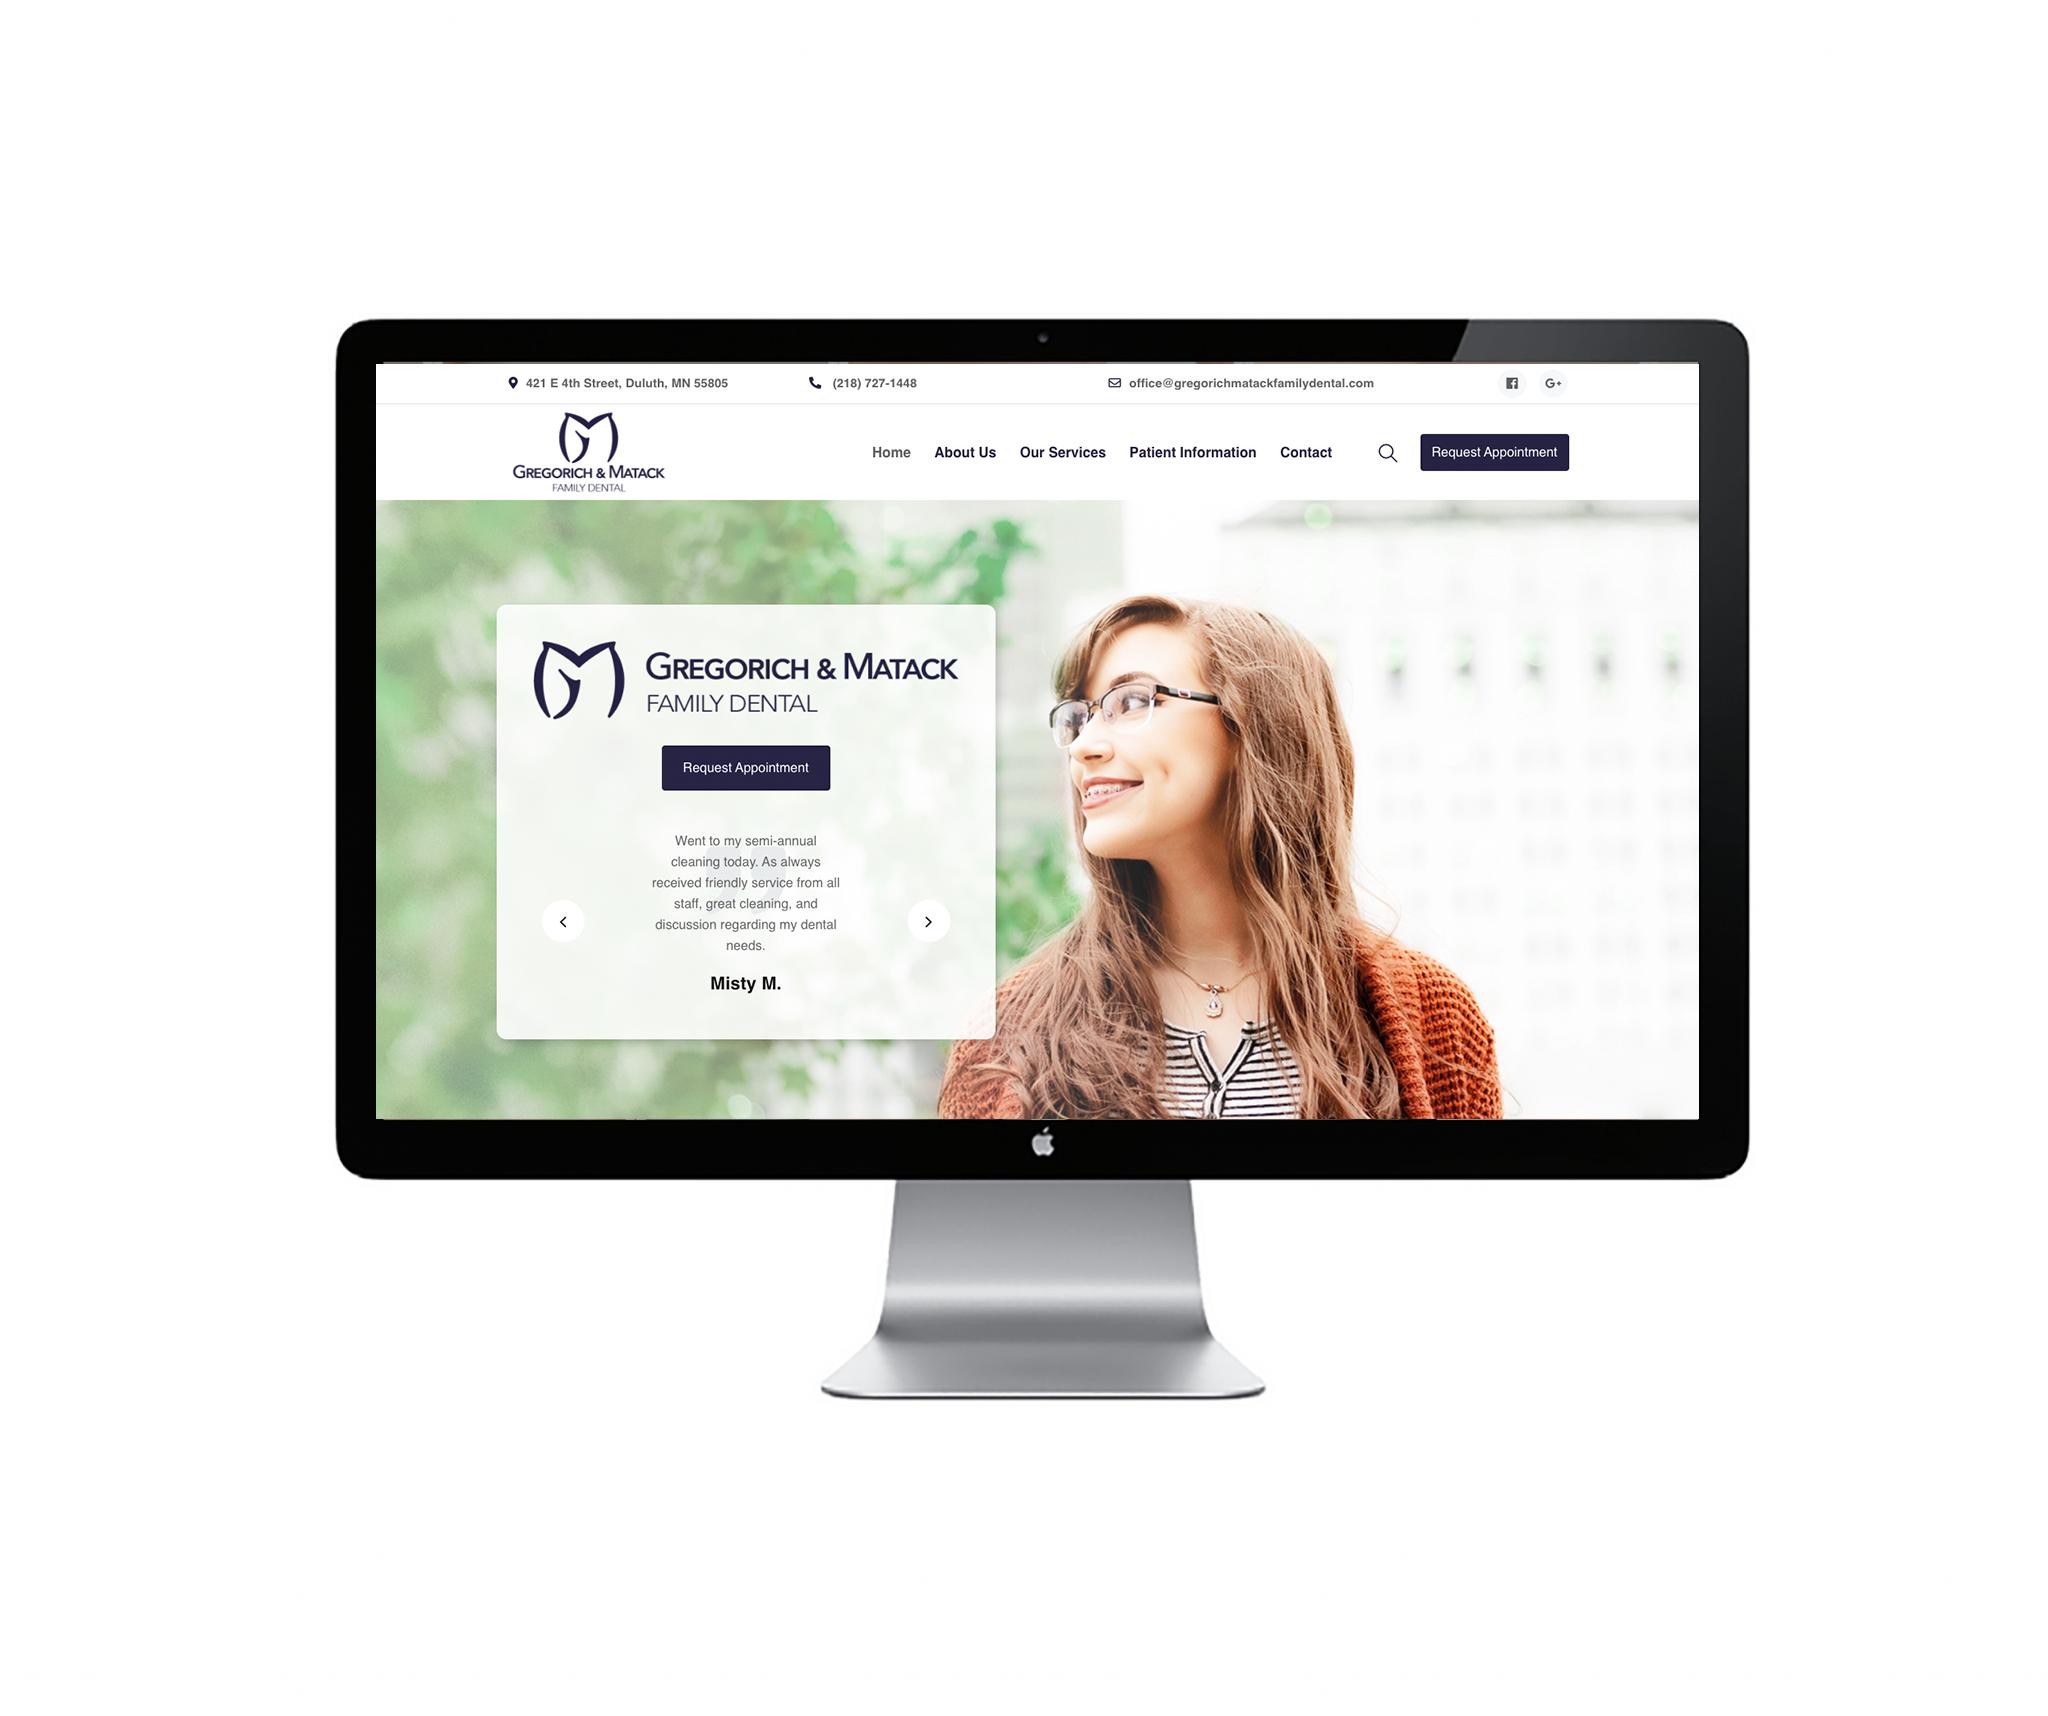 gregorich and matack dental website